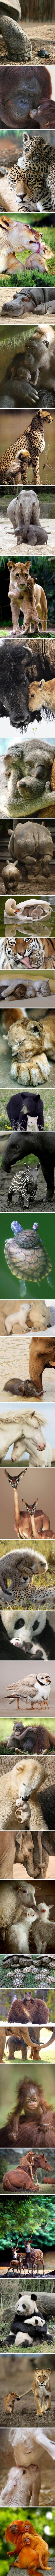 Eläinlapset ja äidit - söpistelyy!